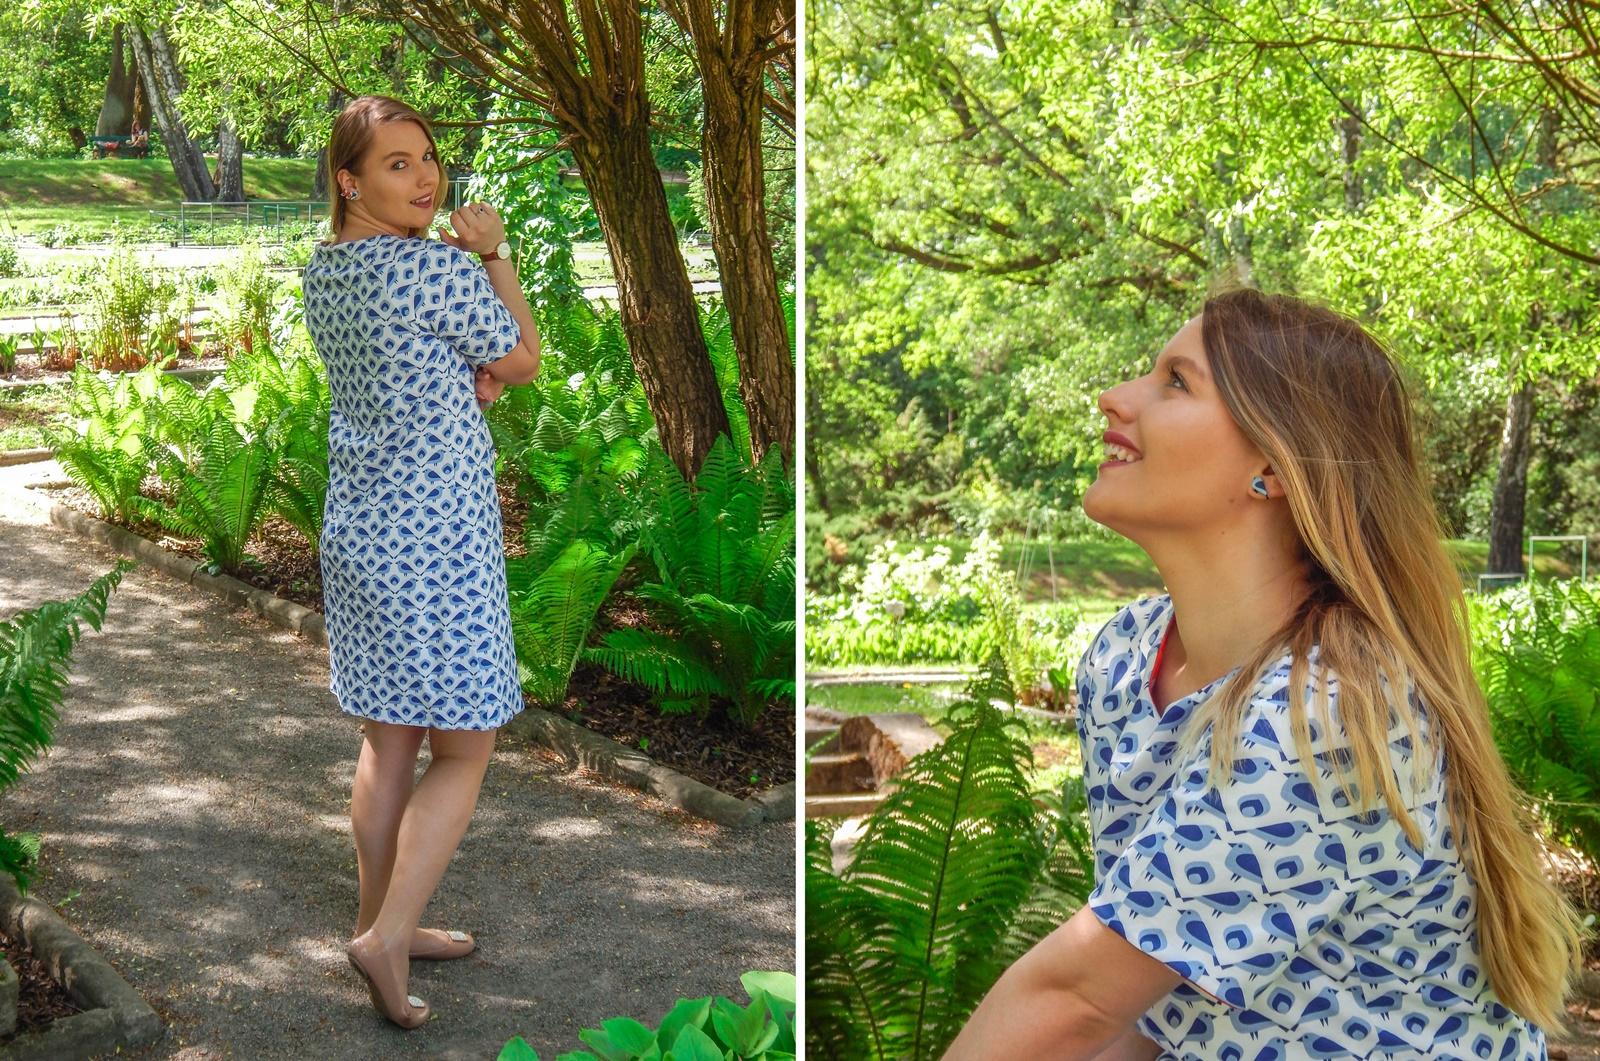 4 samodobro dwukroopek dwustronna sukienka dla mamy prezent na dzień matki drewniana biżuteria wróbel i dzika róża metka z opowiadaniem ciekawe mlode polskie marki odzieżowe moda lifestyle łódź